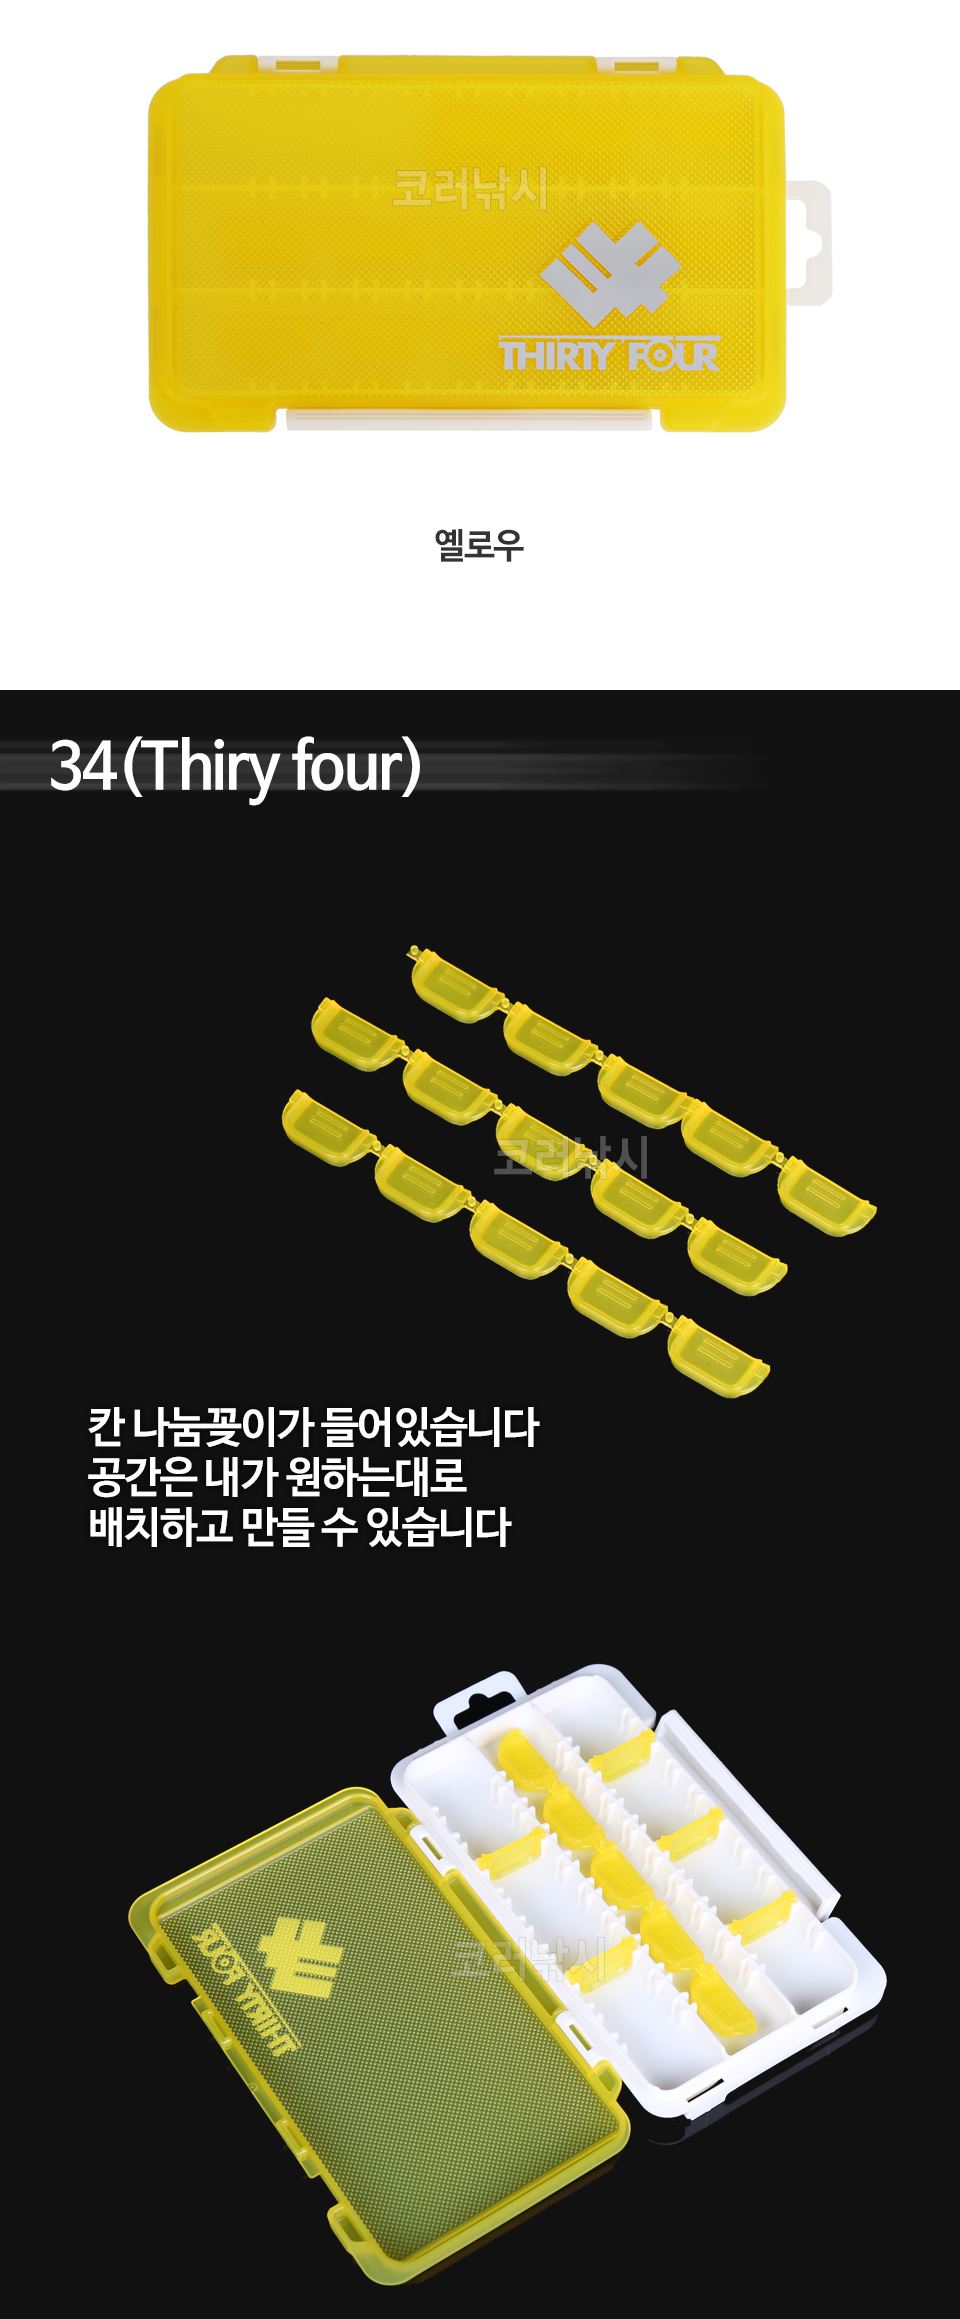 34(써티포)-프릴리 슬림케이스 / [아지 / 메바루  웜 루어케이스] 웜케이스 소형테클박스 복합테클박스 소품박스 소형웜케이스 웜박스 34테클박스